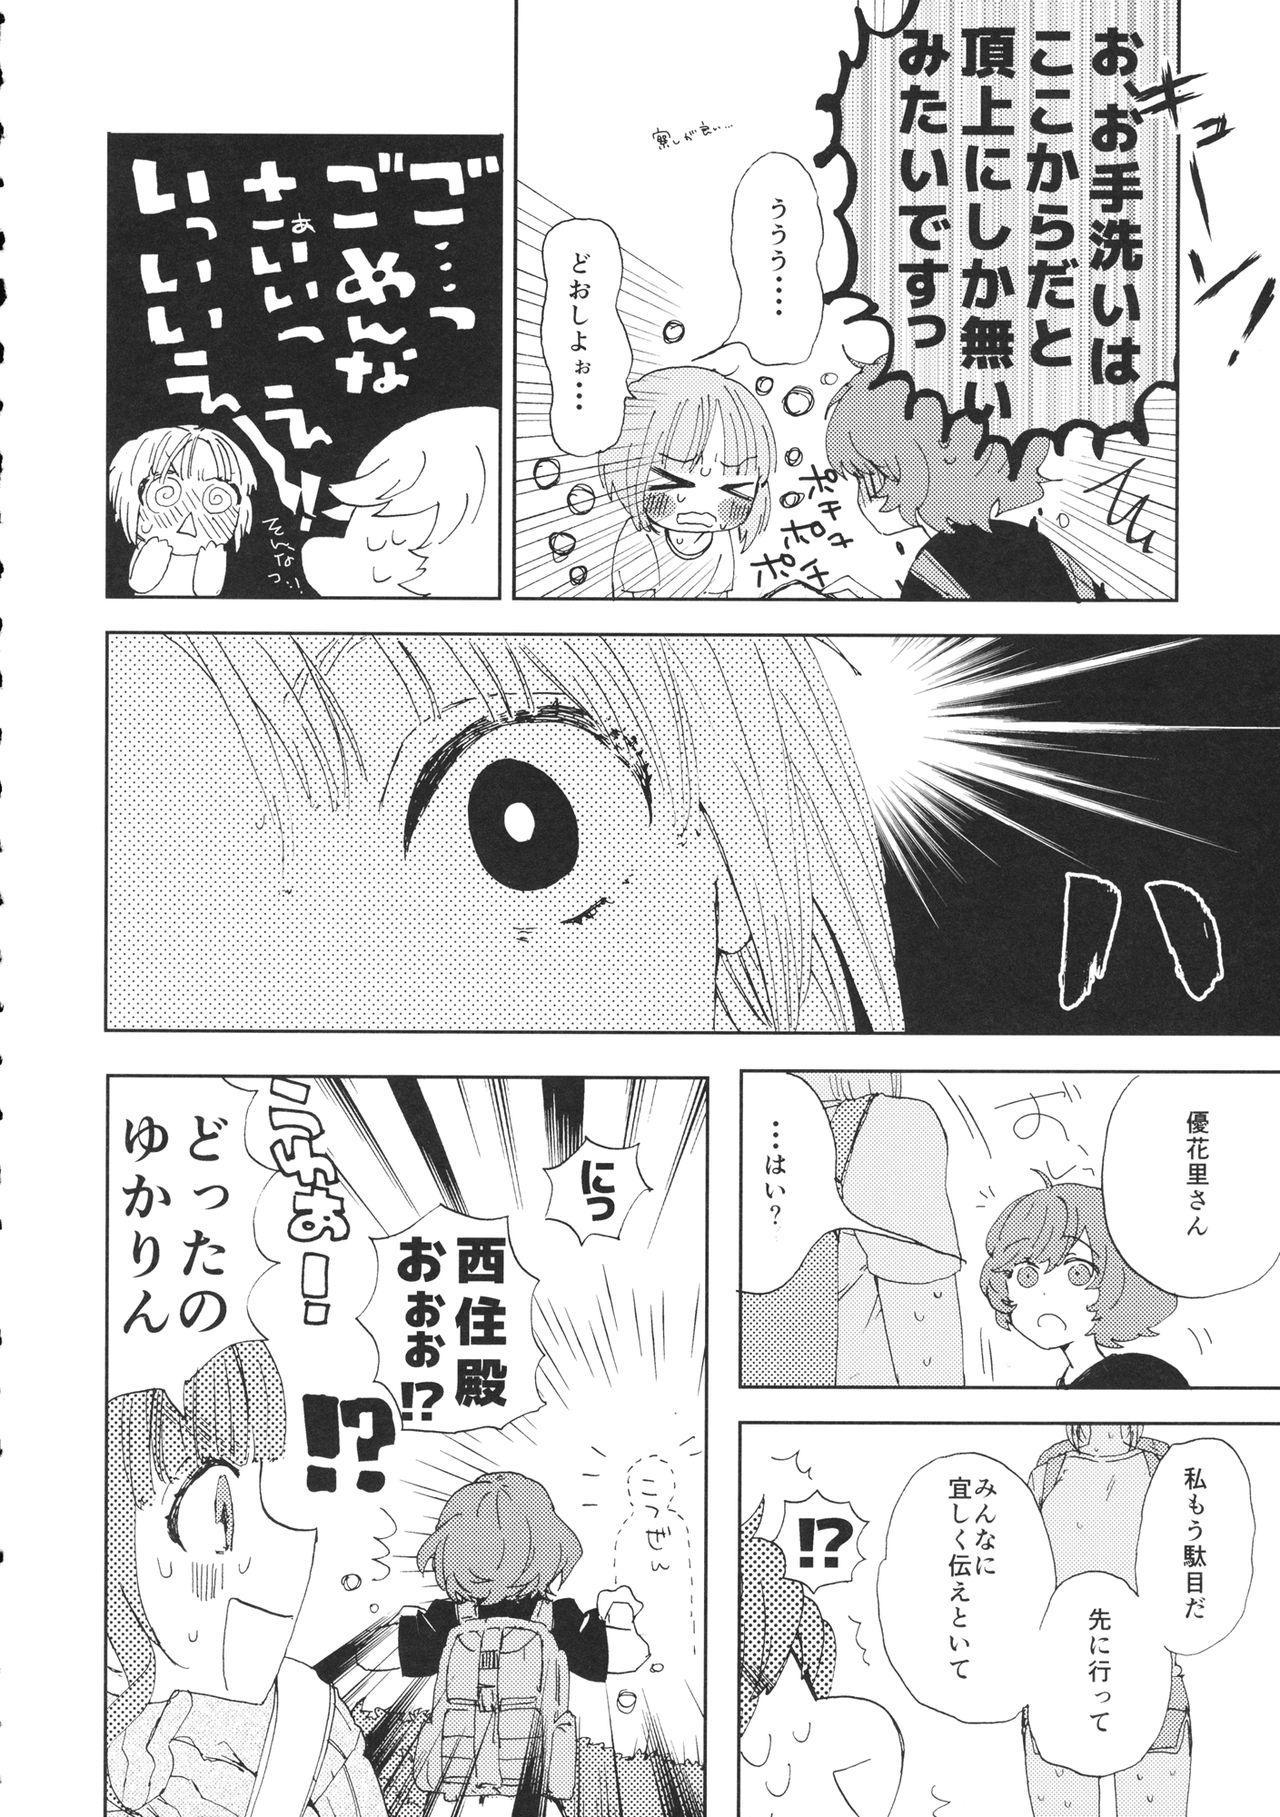 (C93) [Akunaki Hourou (Usimanu)] Miho-chan to Oshikko - mihochan pee (Girls und Panzer) 6